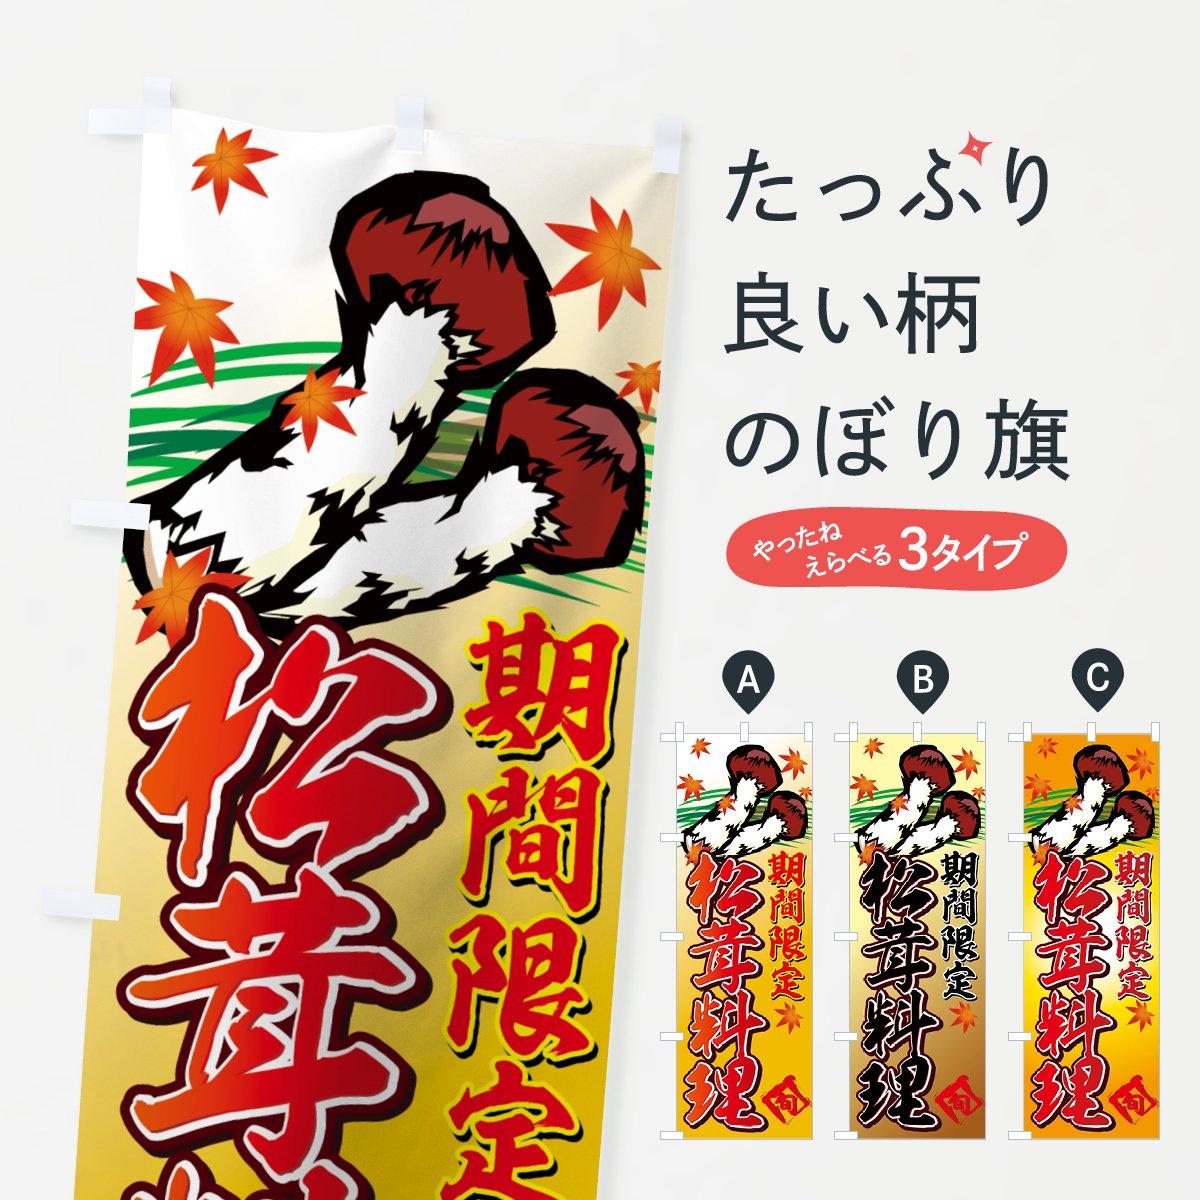 松茸料理のぼり旗【期間限定】[松茸][和食・お食事処]